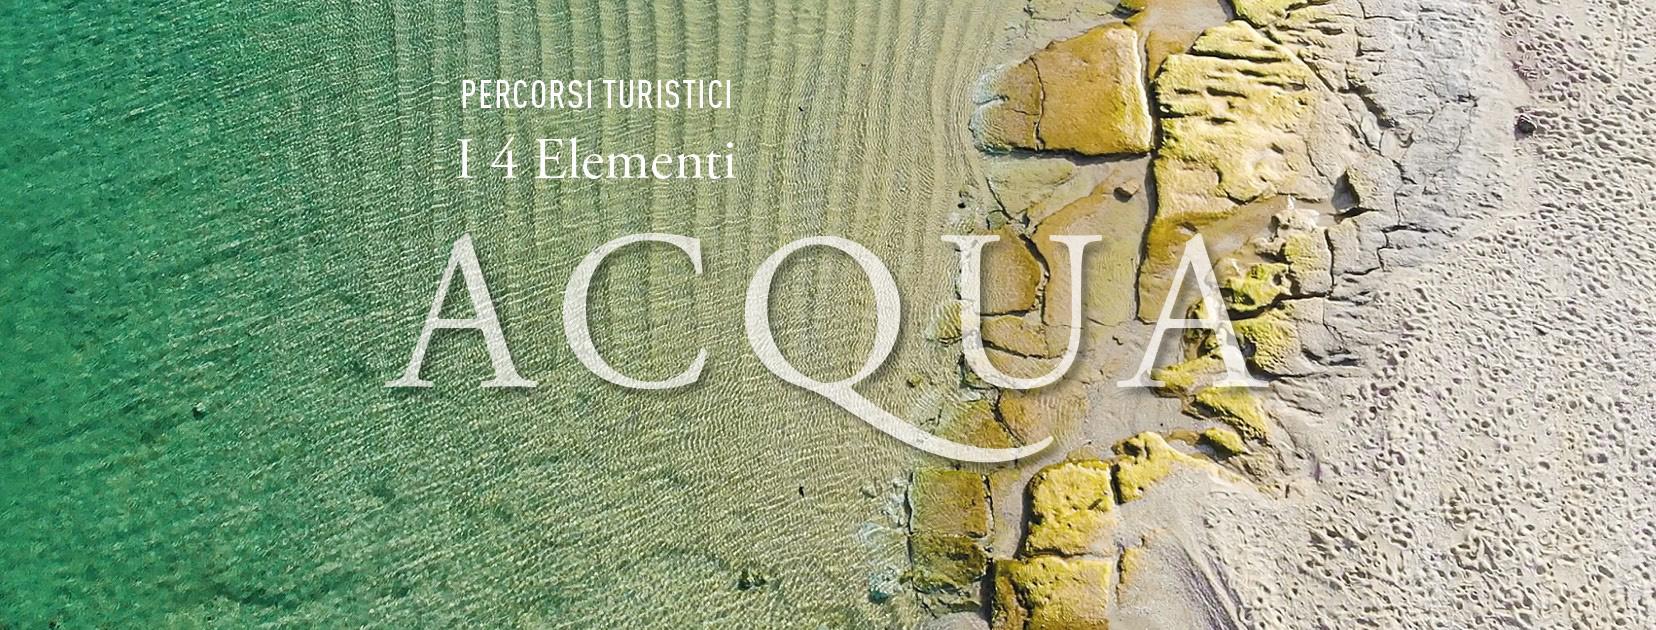 Sinis 4 Elementi - Escursioni nella natura e storia